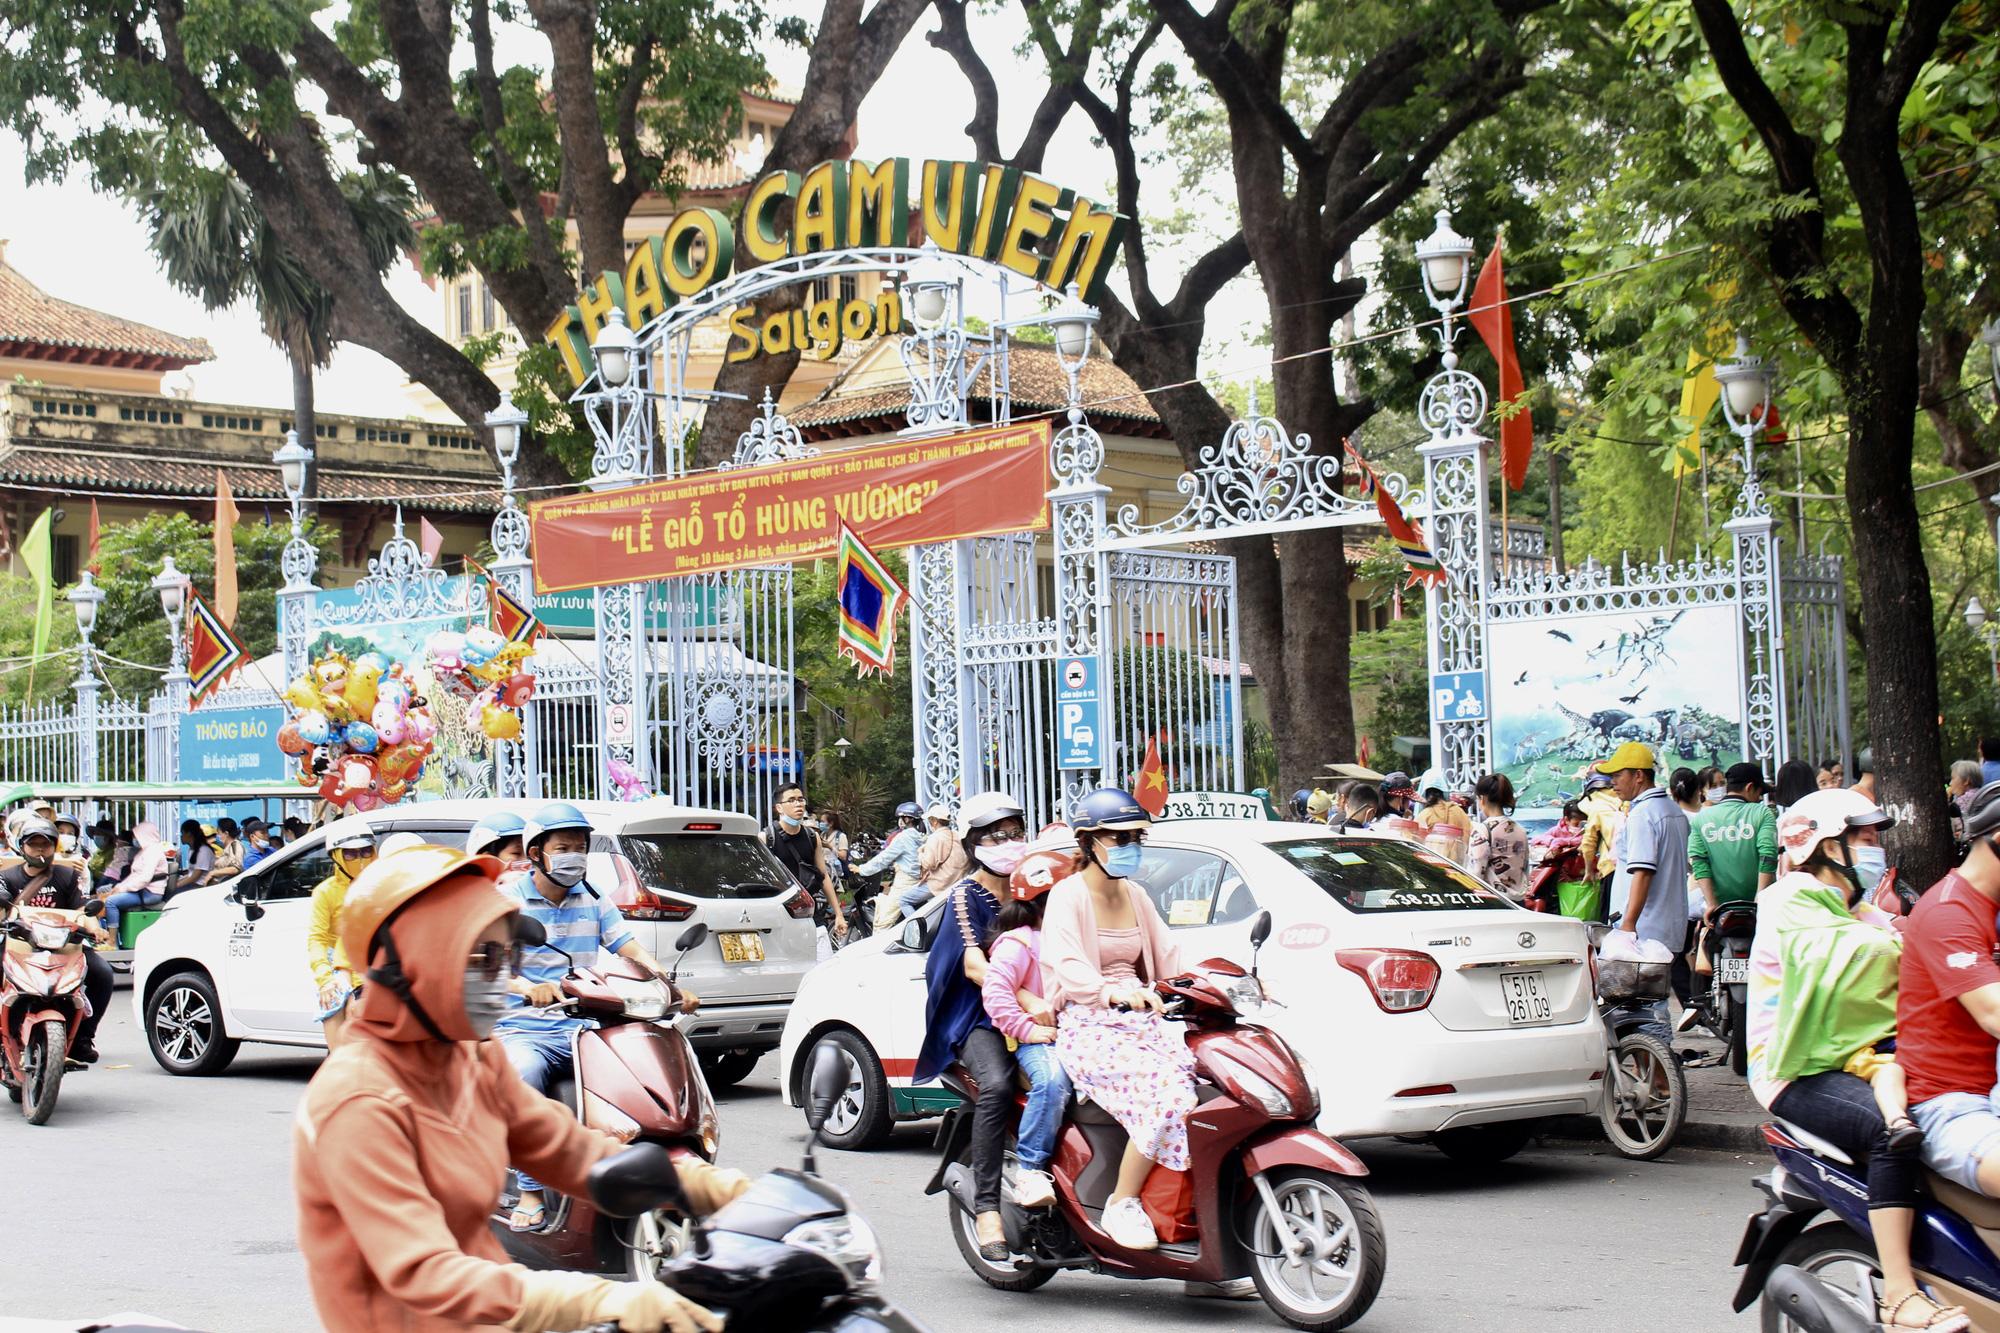 TP.HCM: Thảo Cầm Viên Sài Gòn, Đường sách đông nghẹt ngày Giỗ tổ Hùng Vương - Ảnh 1.